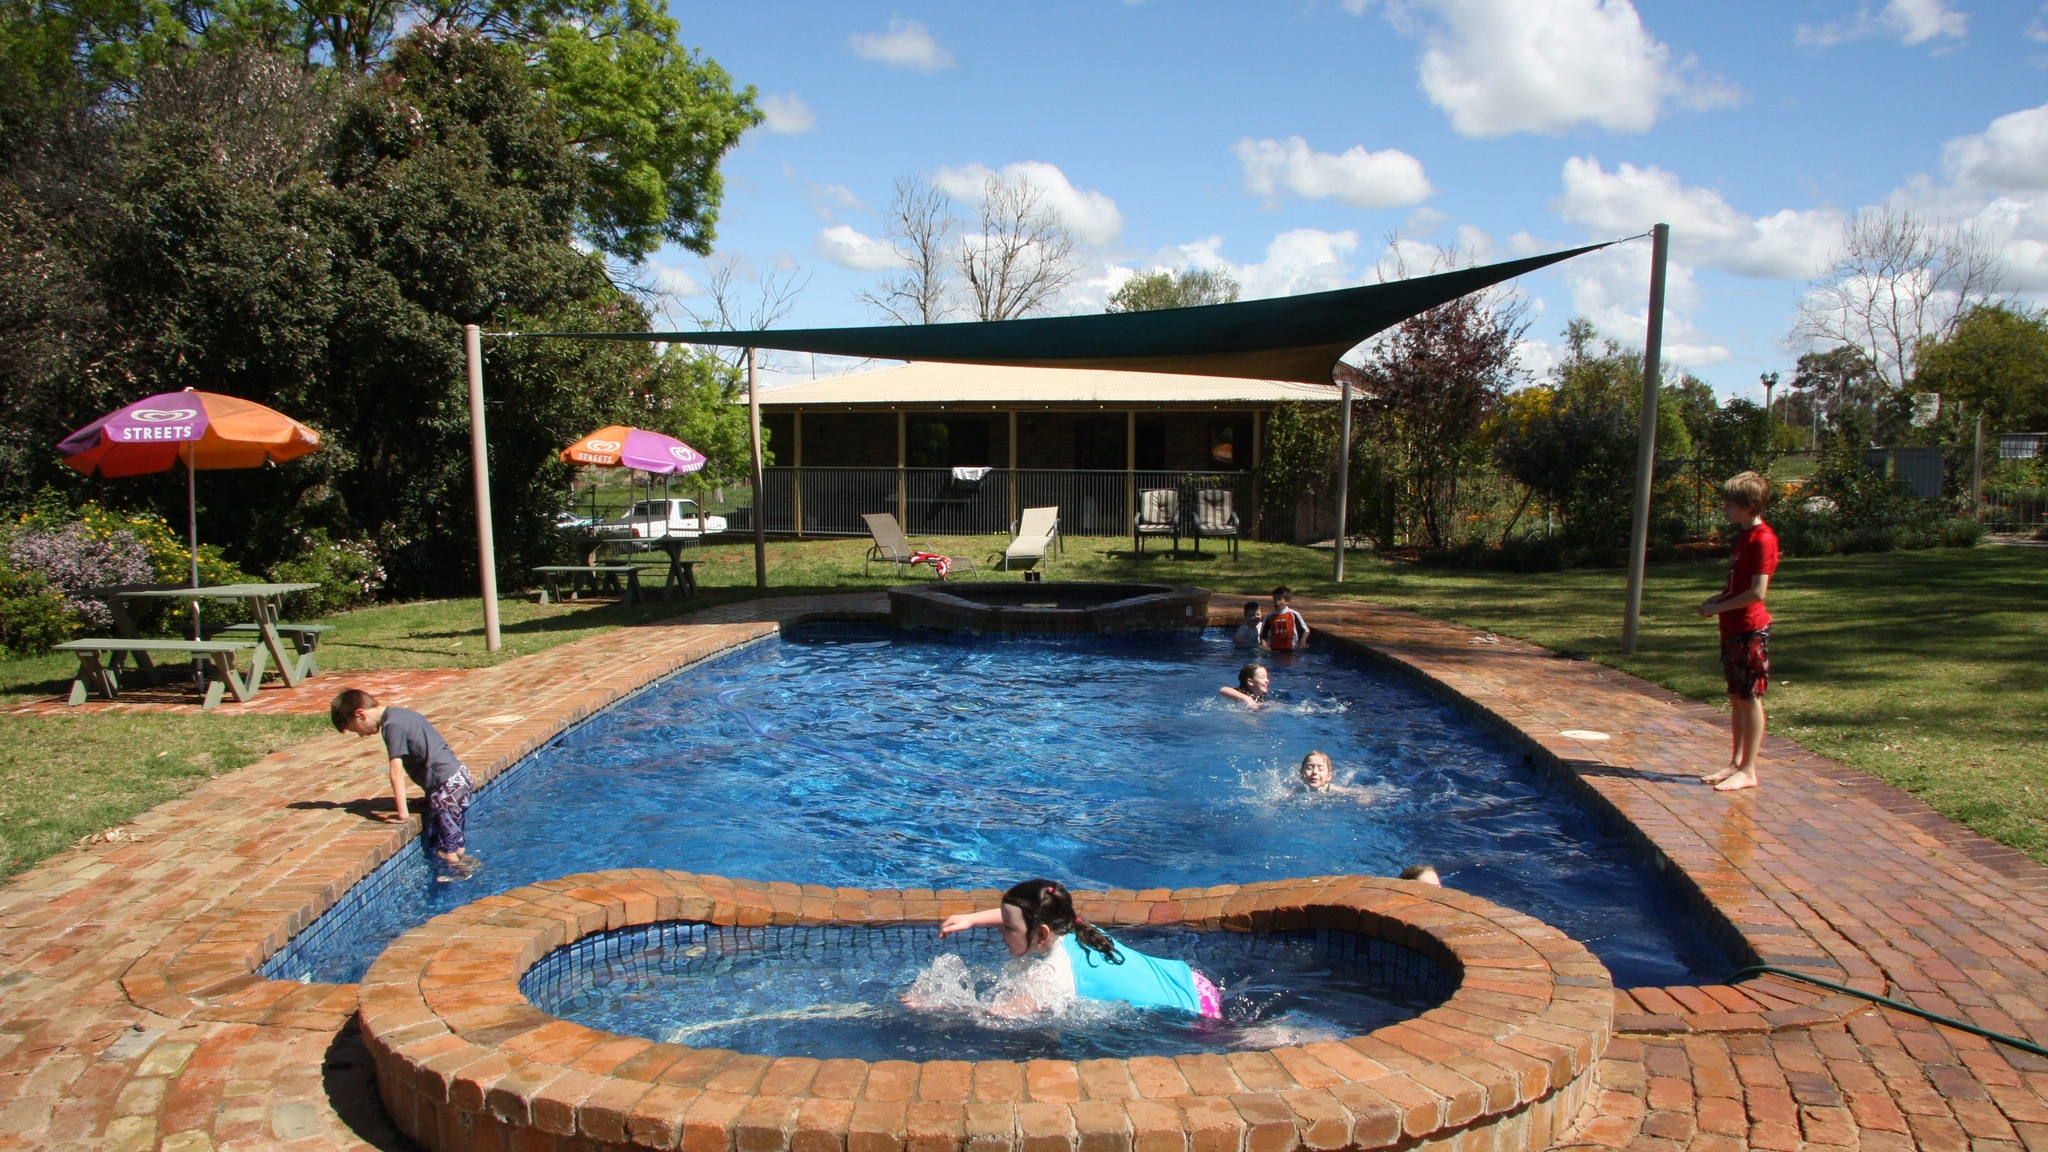 Bindaree Motel and Caravan Park